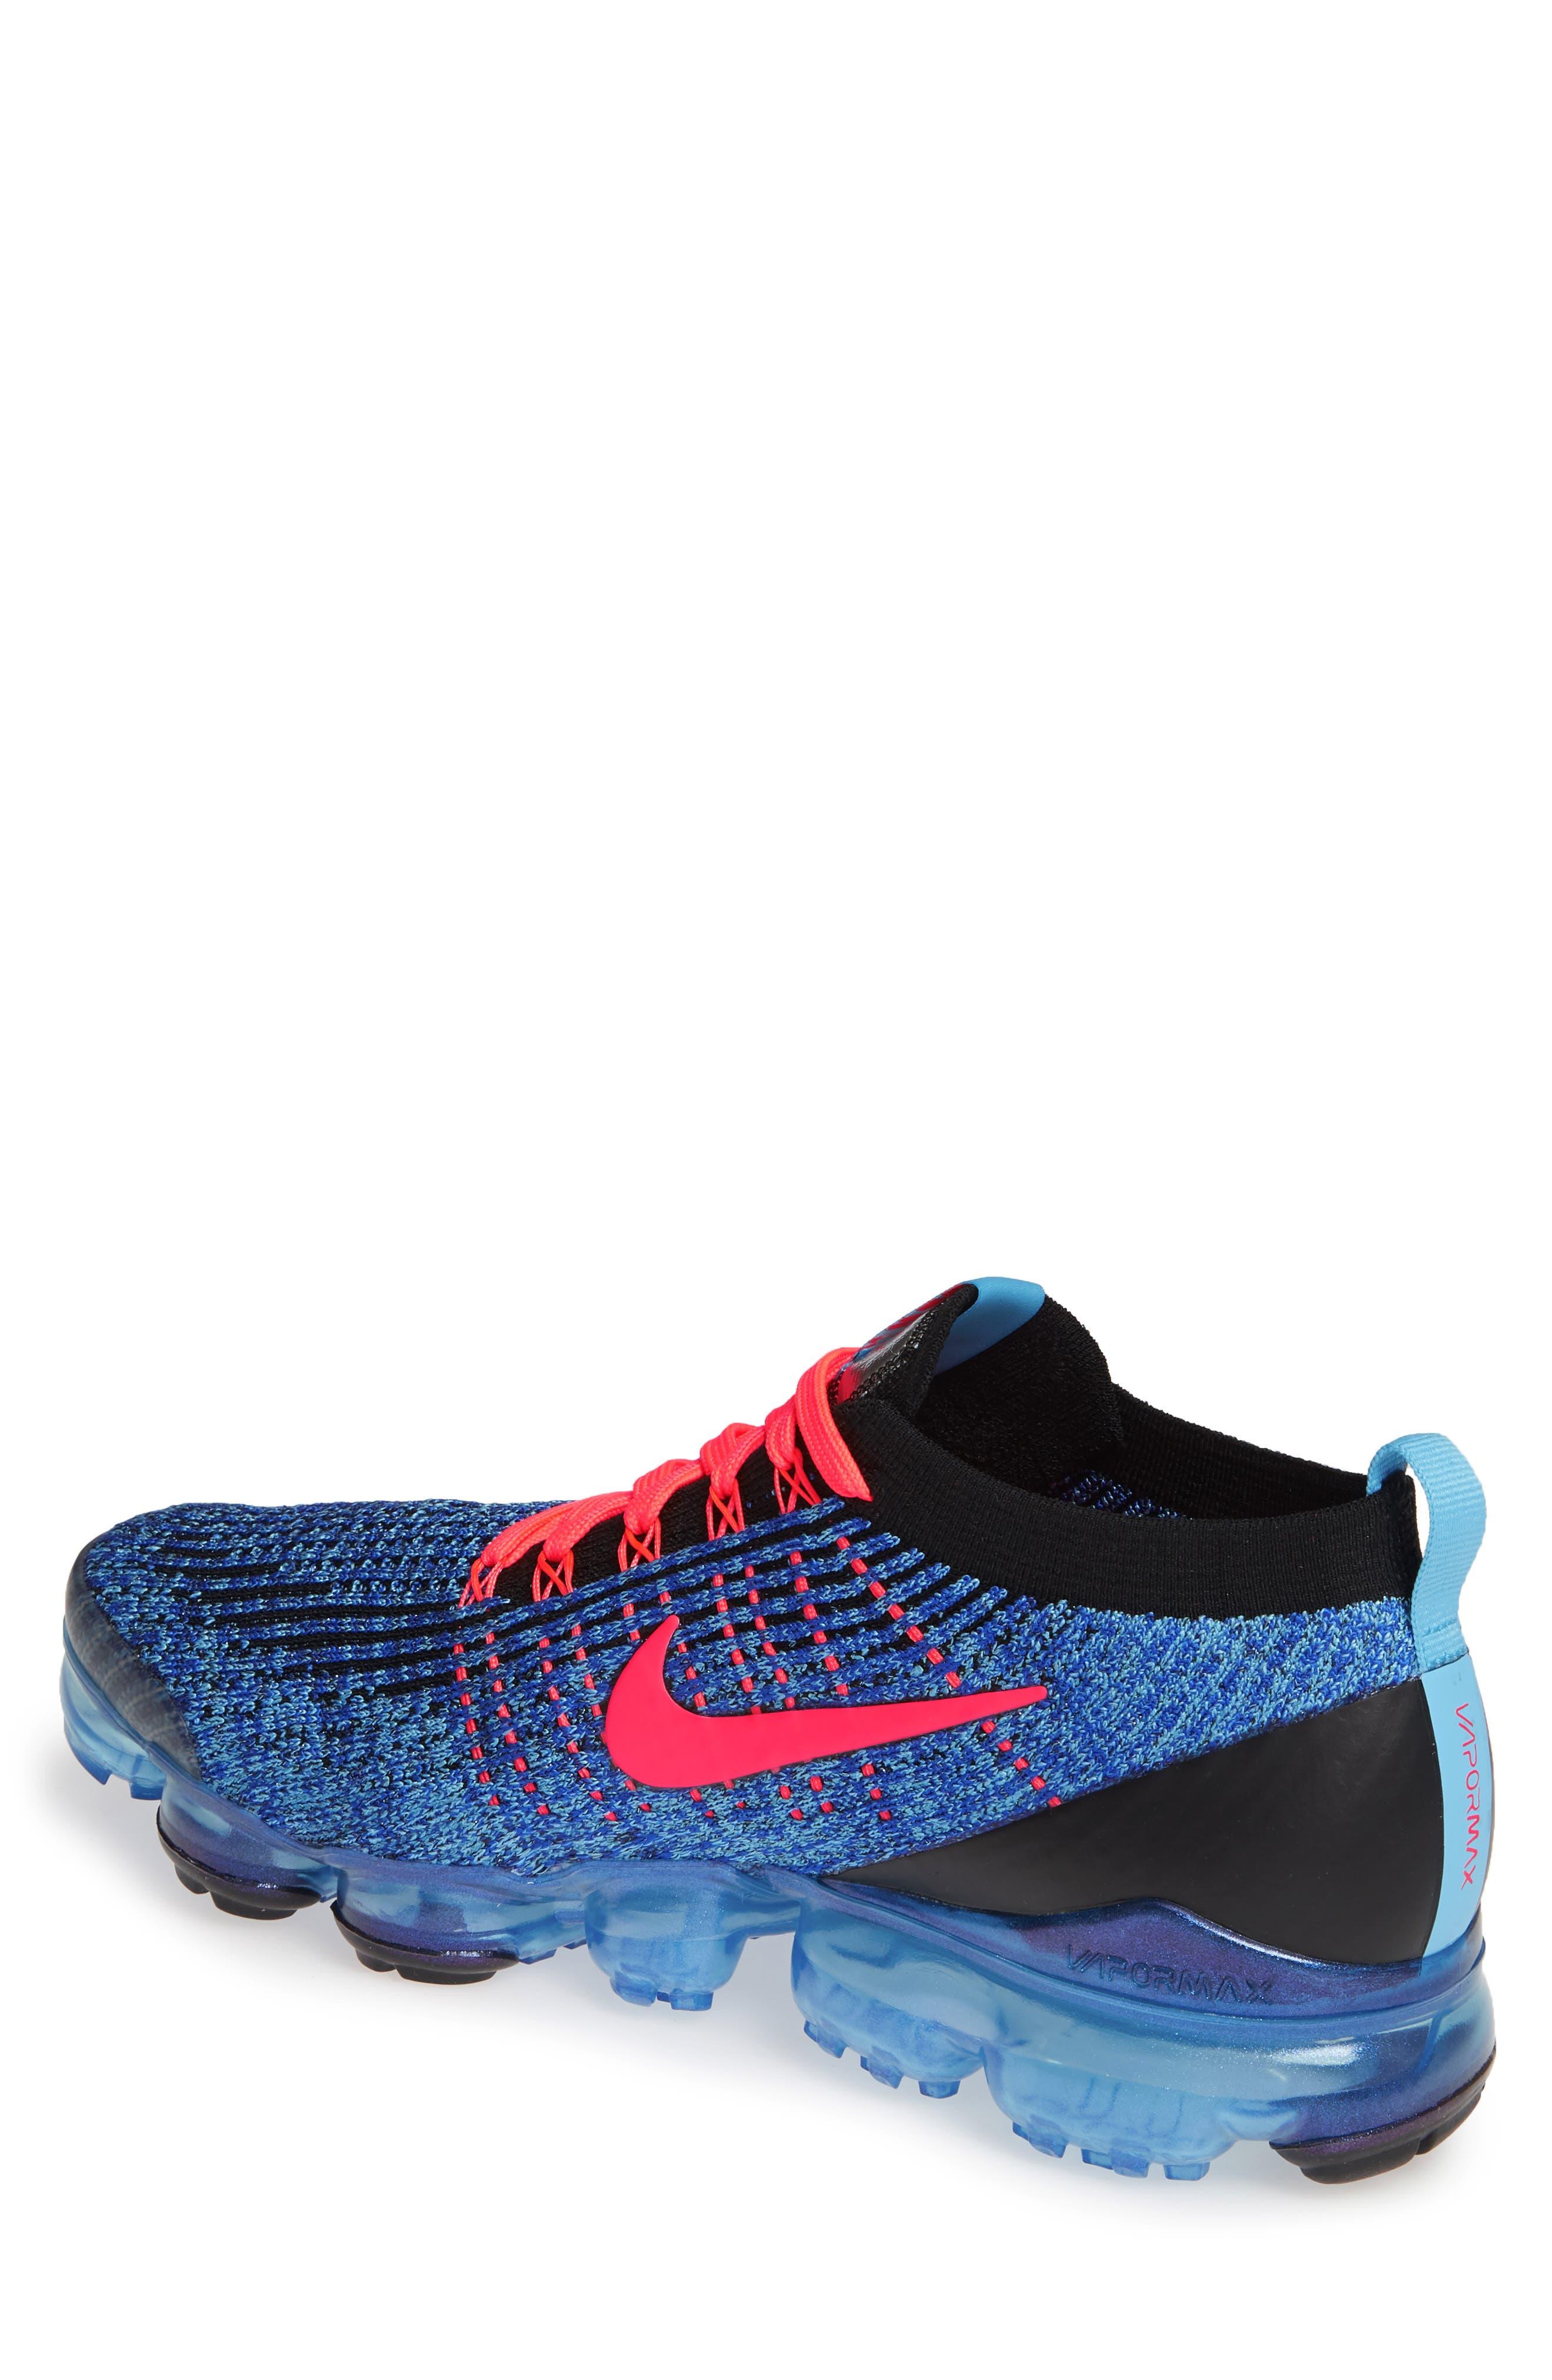 7facc07e60fe Nike Flyknit